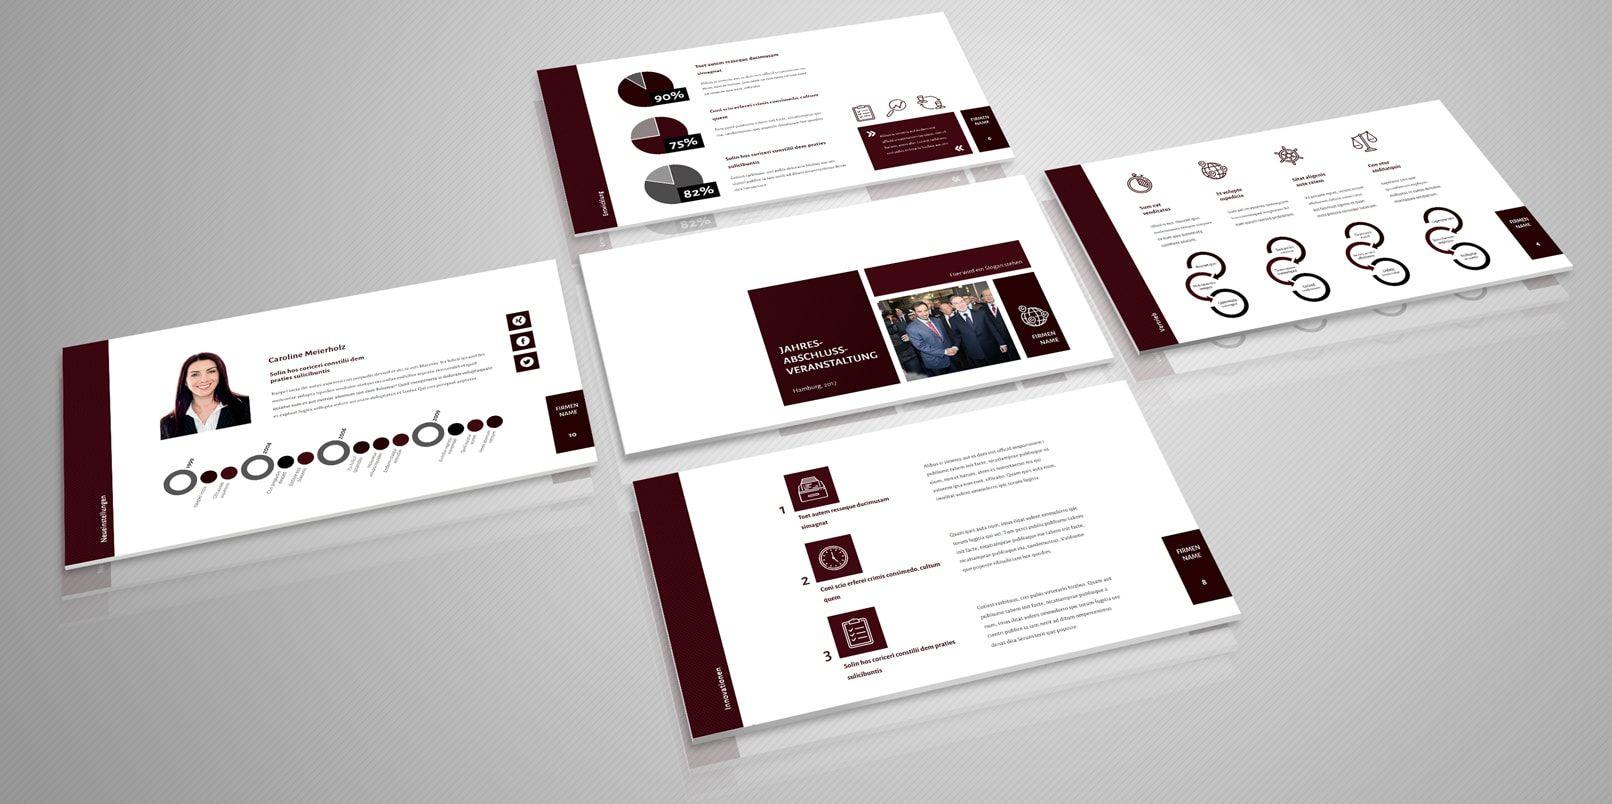 Professionelle Powerpoint Vorlagen Fertige Designs Zur Prasentation Powerpoint Vorlagen Vorlagen Power Point